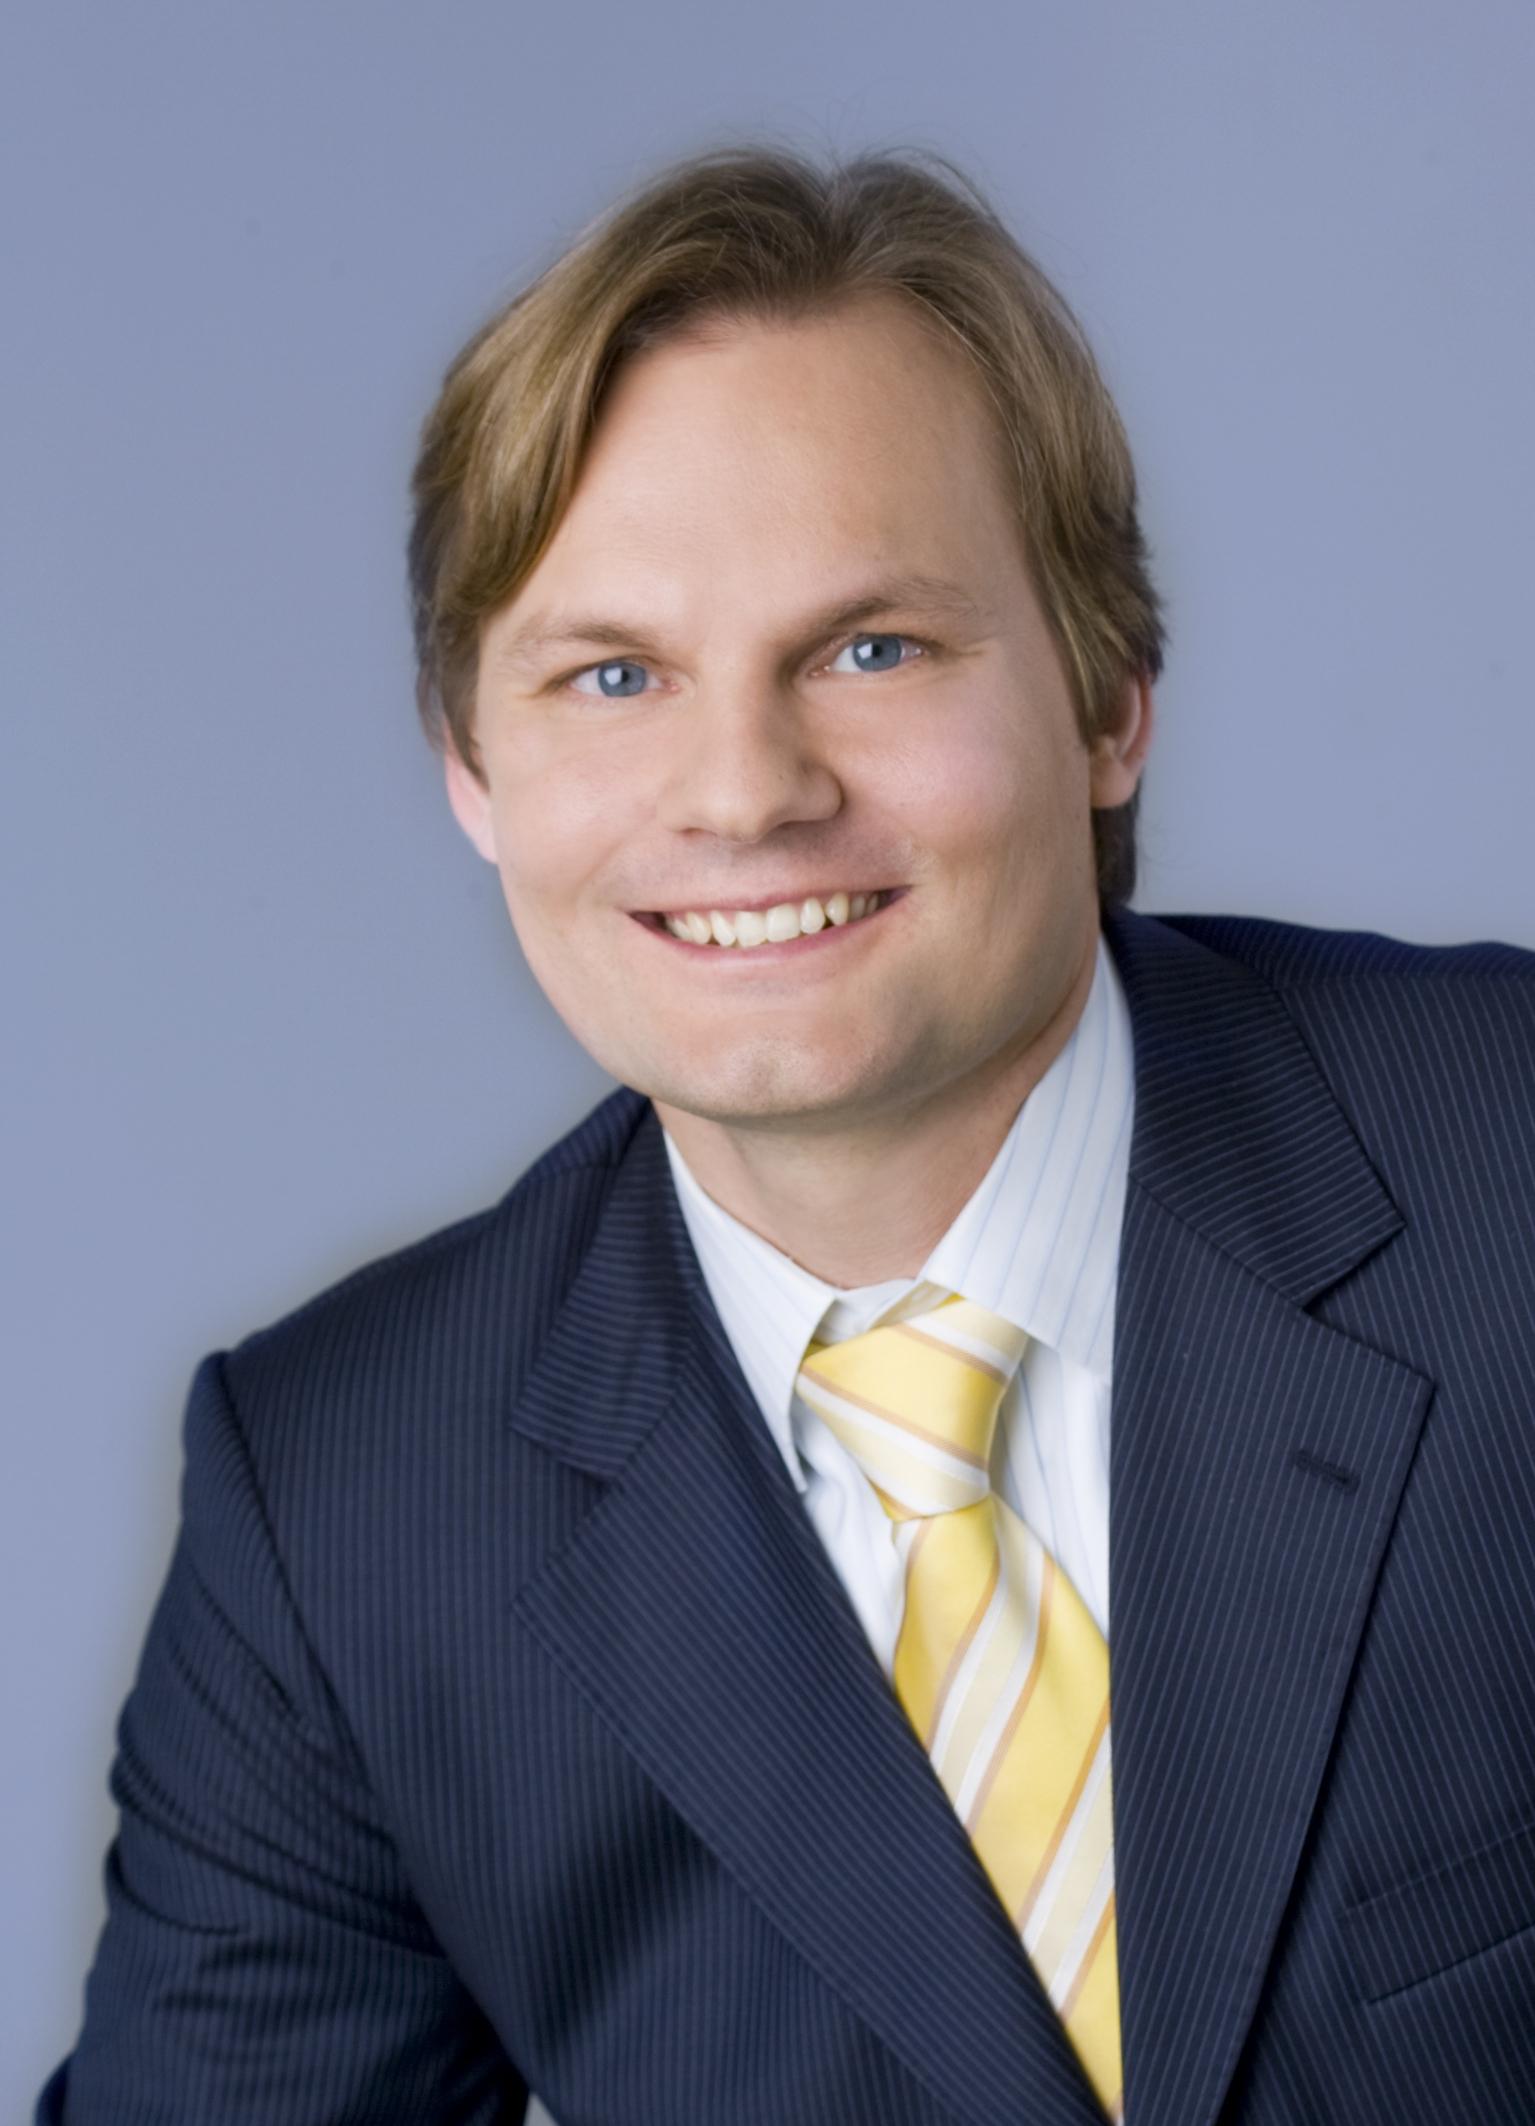 Heimo Bürbaumer Profilbild